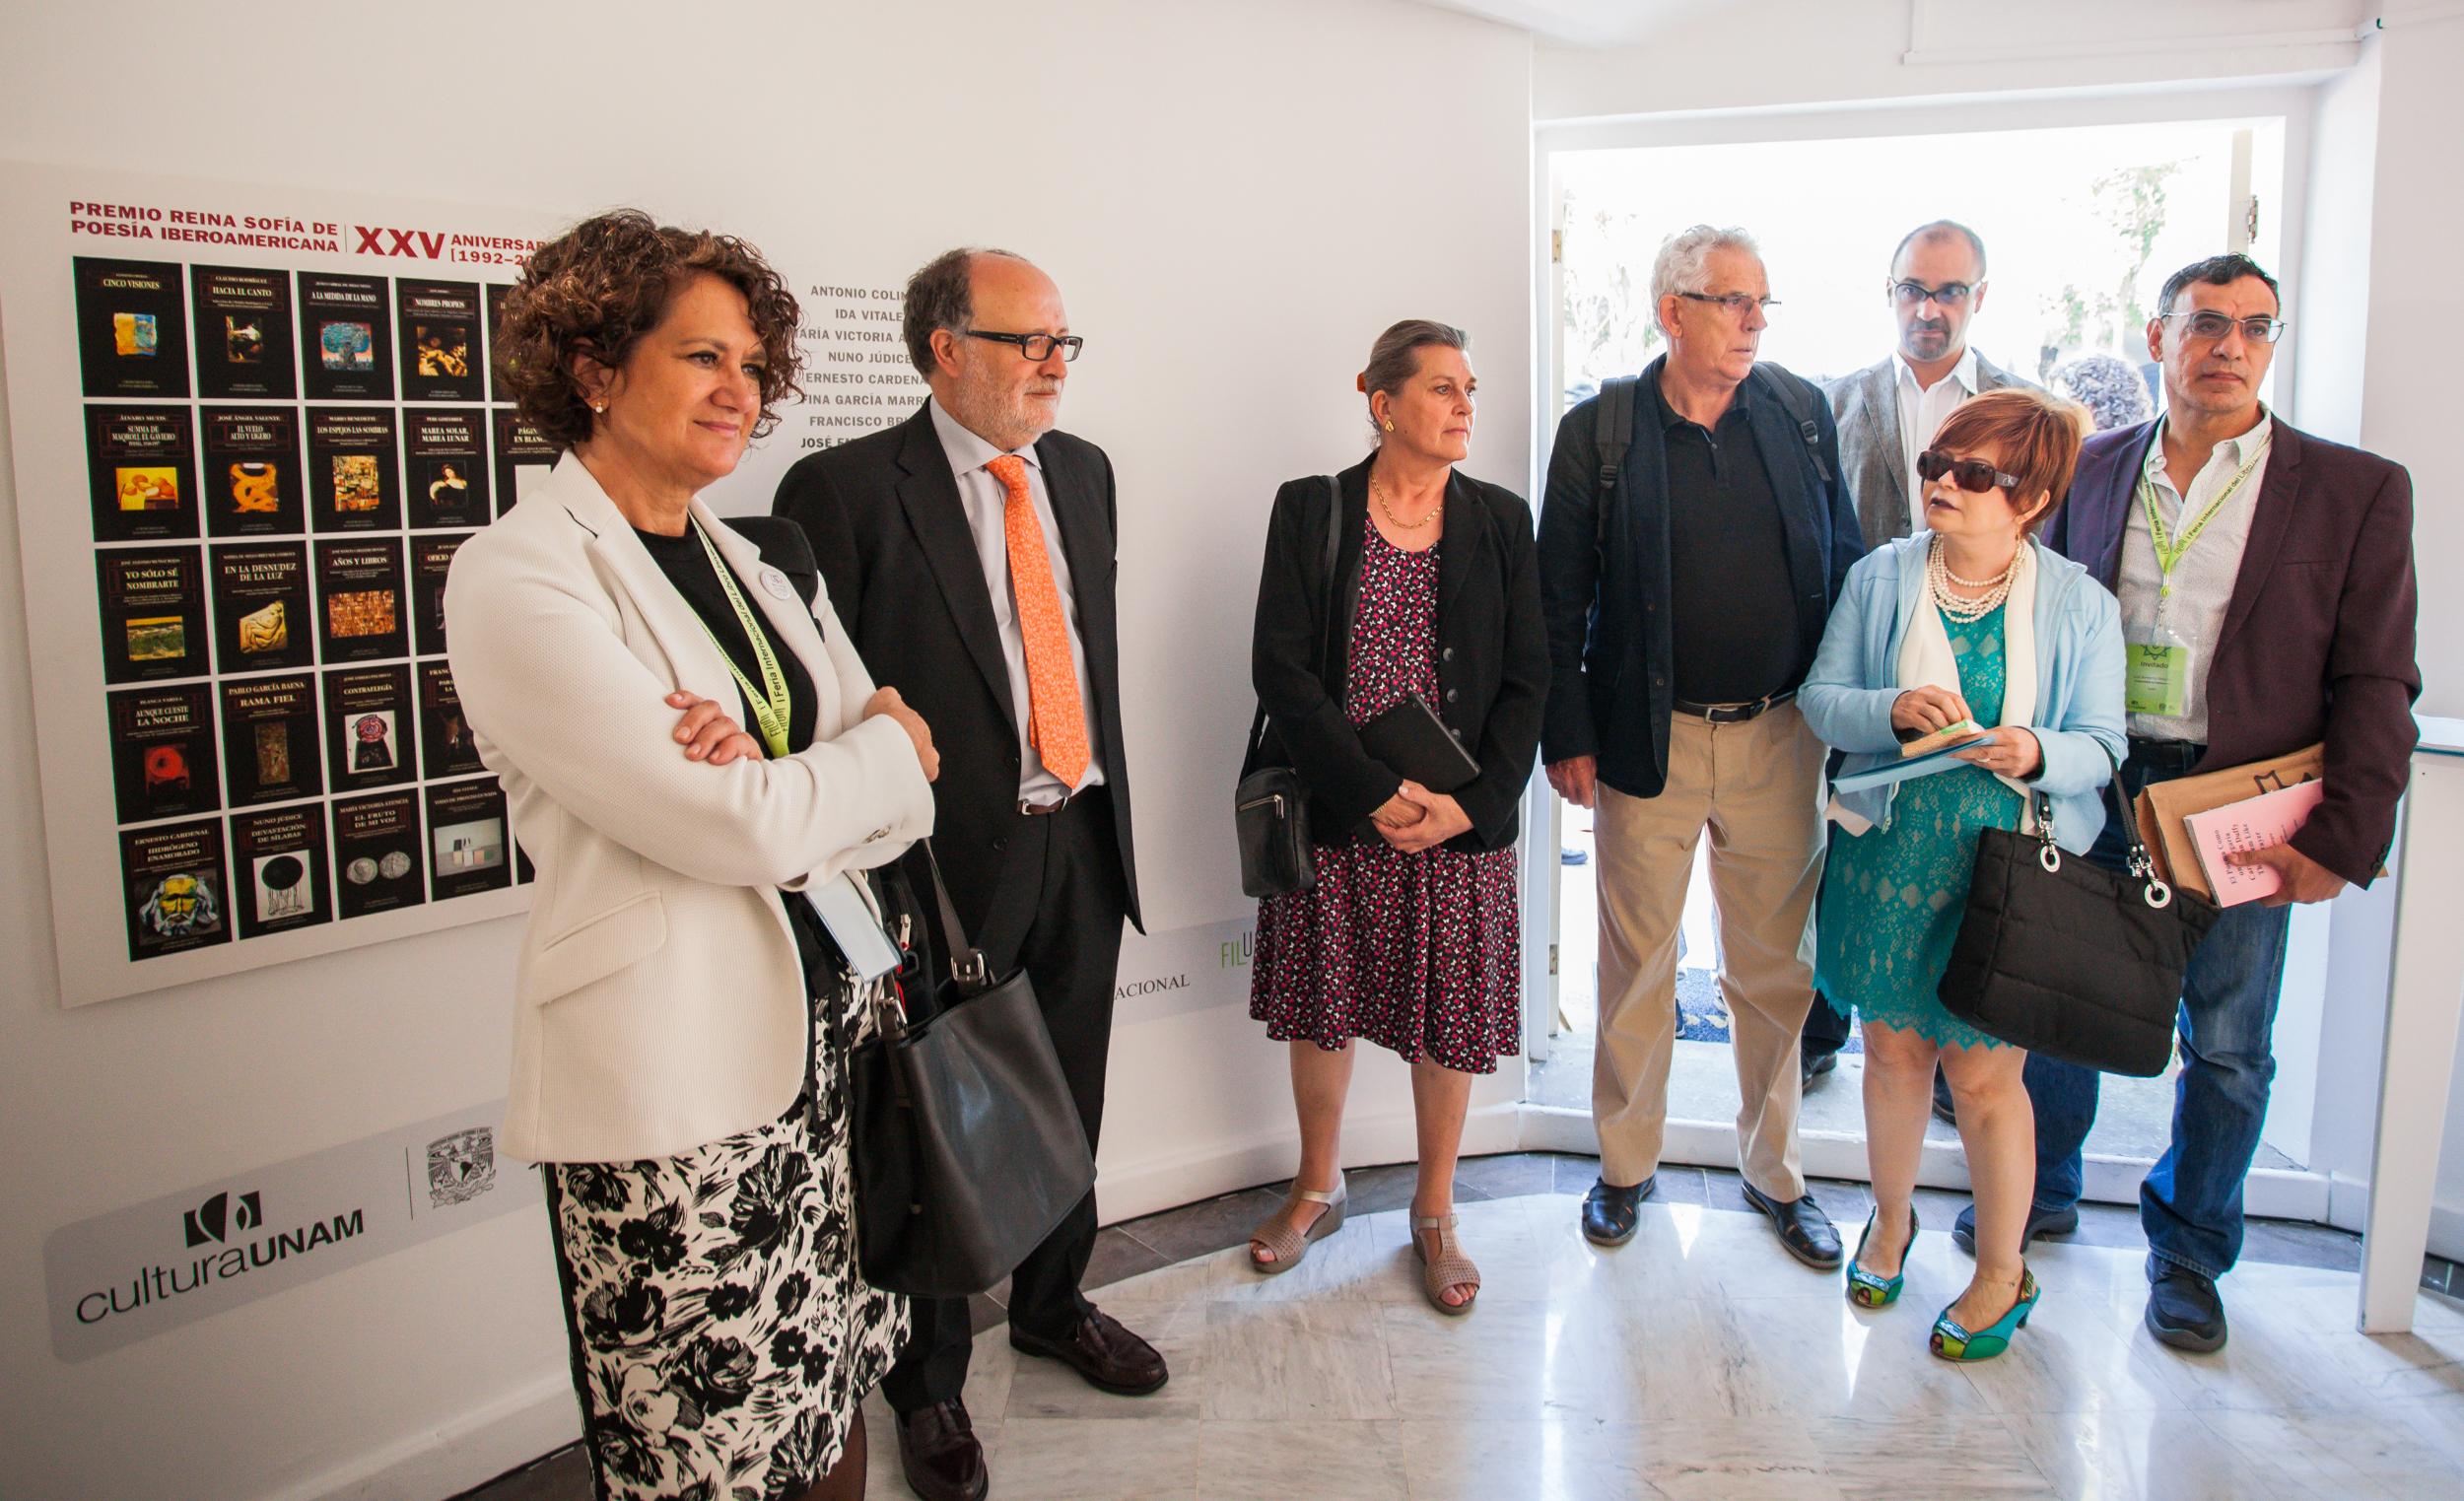 Inaguración de la exposición de los Premios Reina Sofía de Poesía Iberamericana.